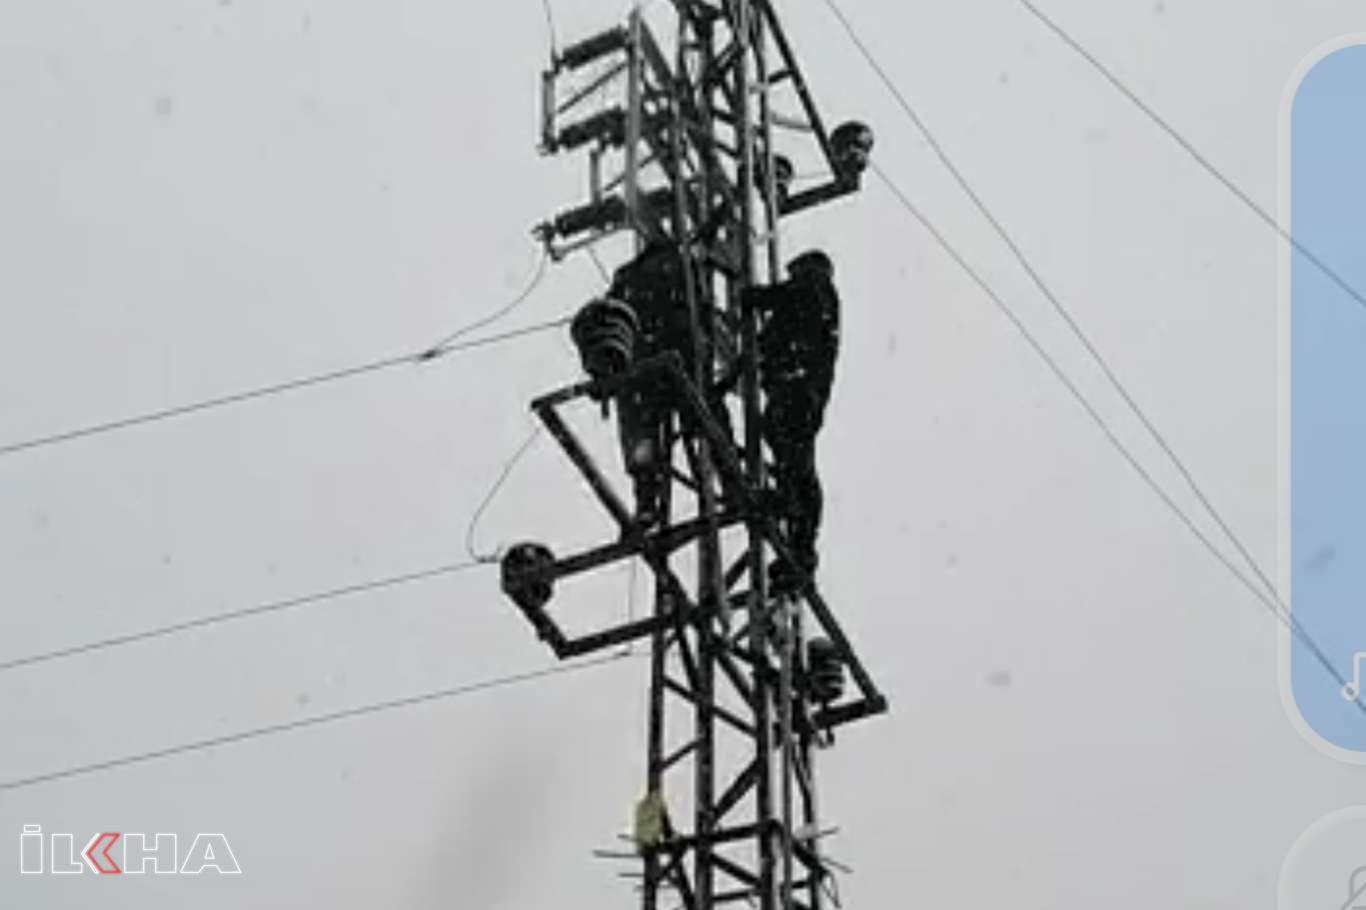 DEDAŞ ekiplerinin gidemediği köylerdeki elektrik arızasını köylüler giderdi